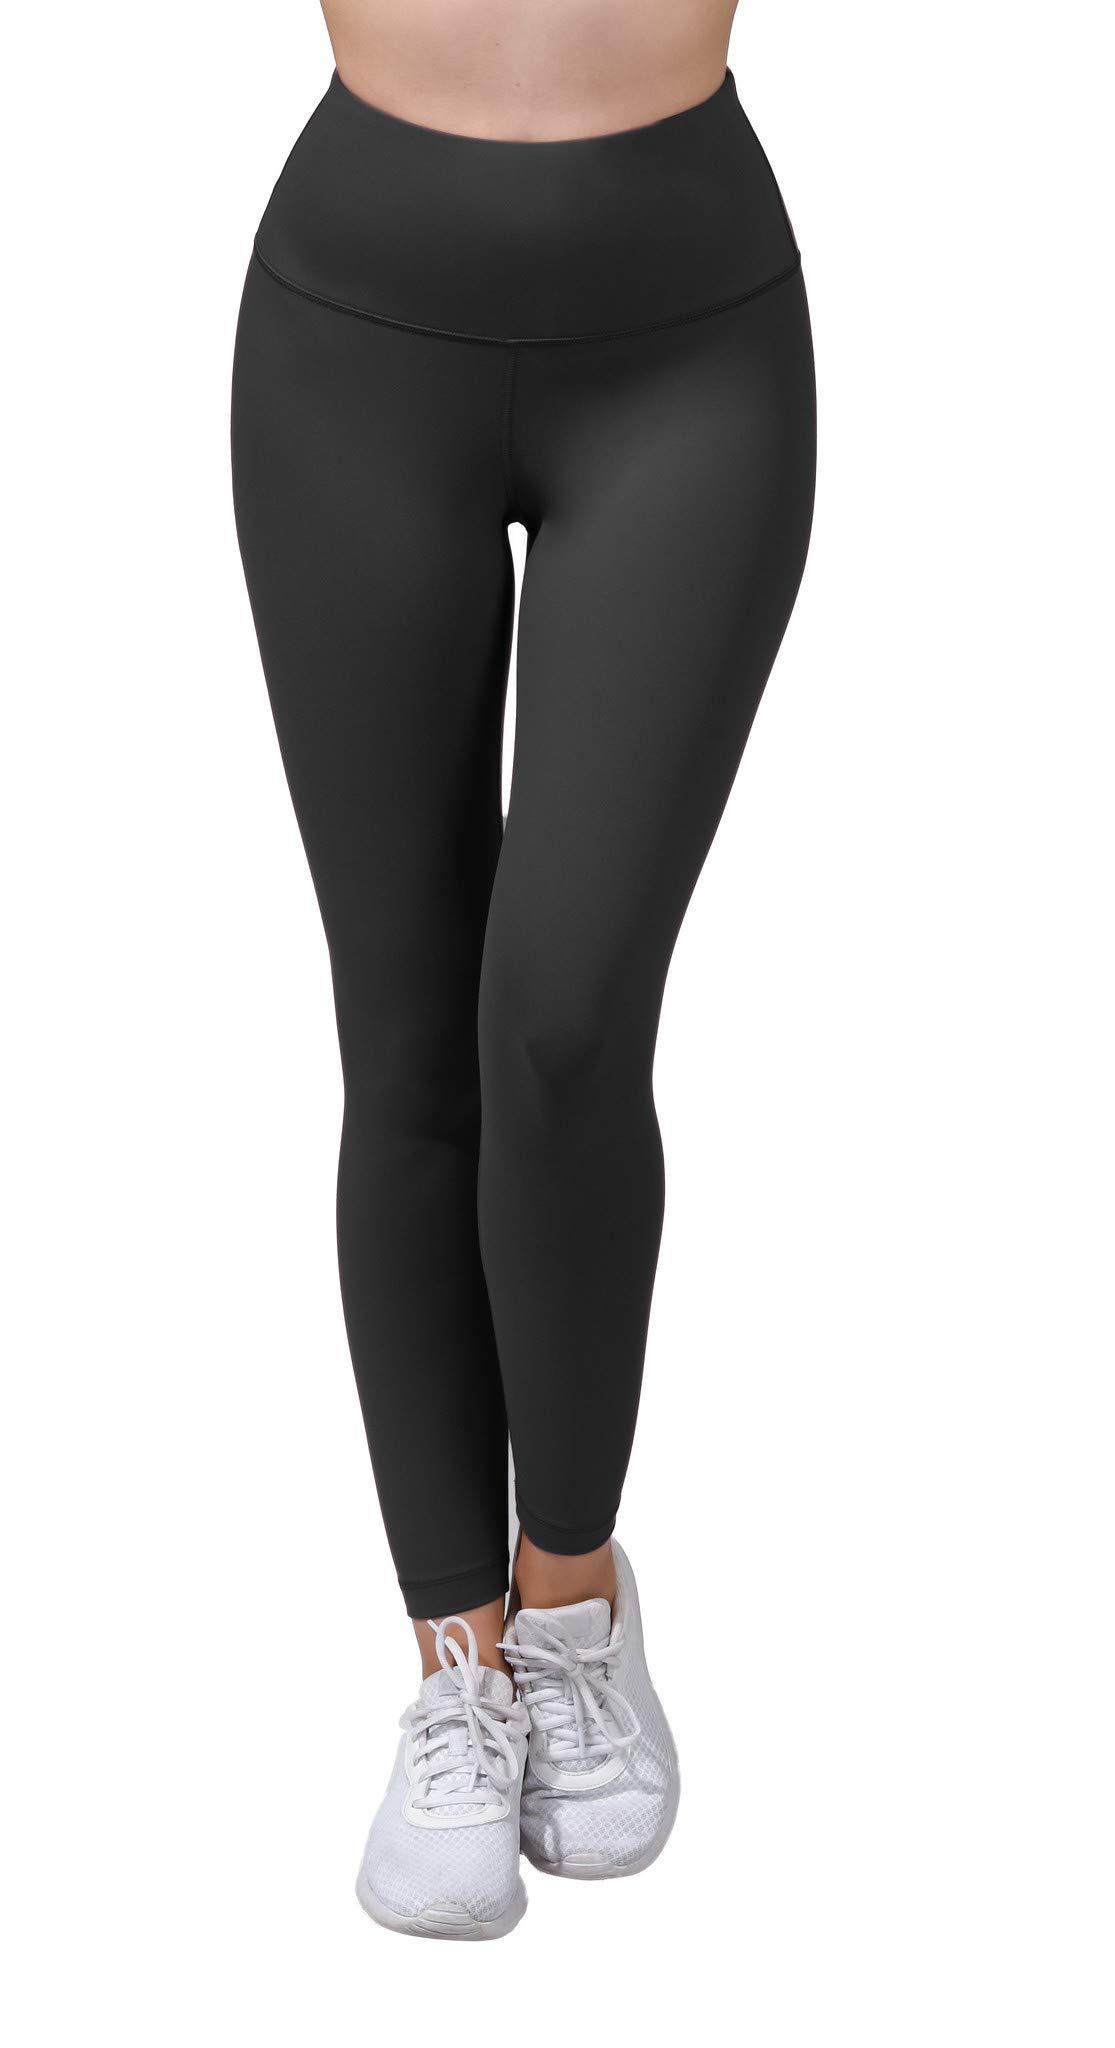 90 Degree By Reflex - High Waist Power Flex Legging - Tummy Control - Black - Small by 90 Degree By Reflex